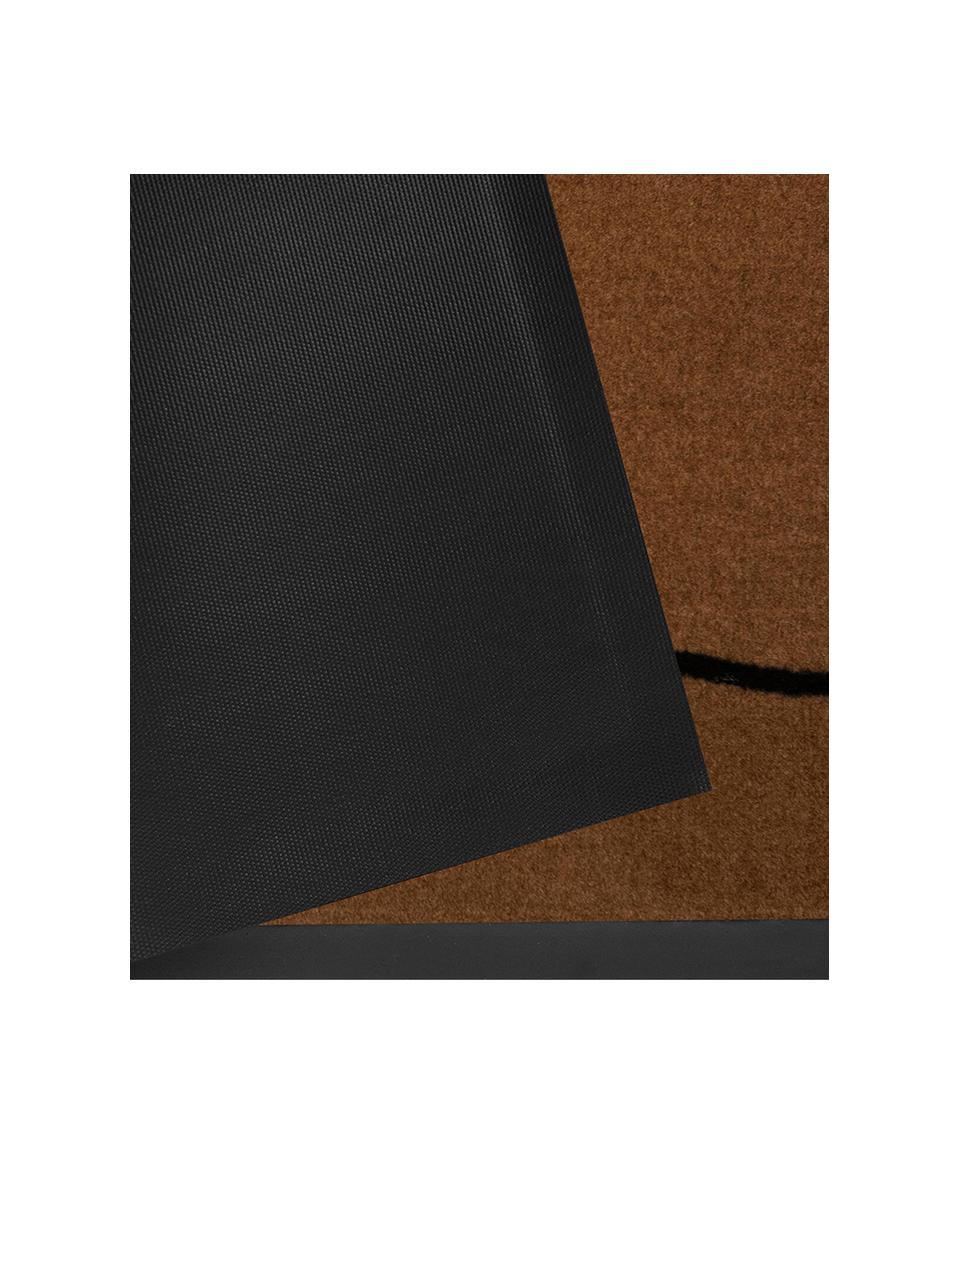 Polyamid-Fußmatte Cozy Welcome, Vorderseite: Polyamid, Rückseite: Gummi, Braun, Schwarz, 45 x 75 cm